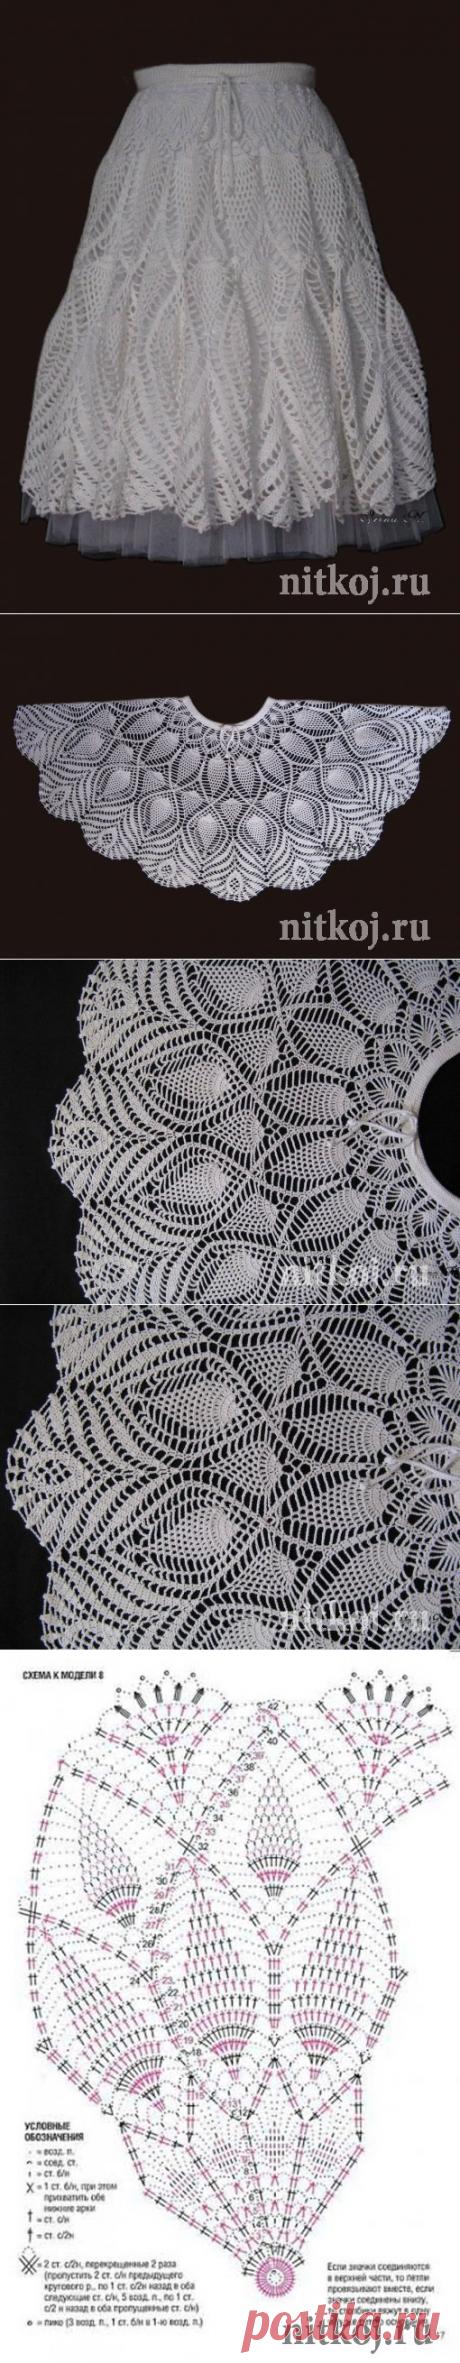 Юбка ИрЛандии » Ниткой - вязаные вещи для вашего дома, вязание крючком, вязание спицами, схемы вязания